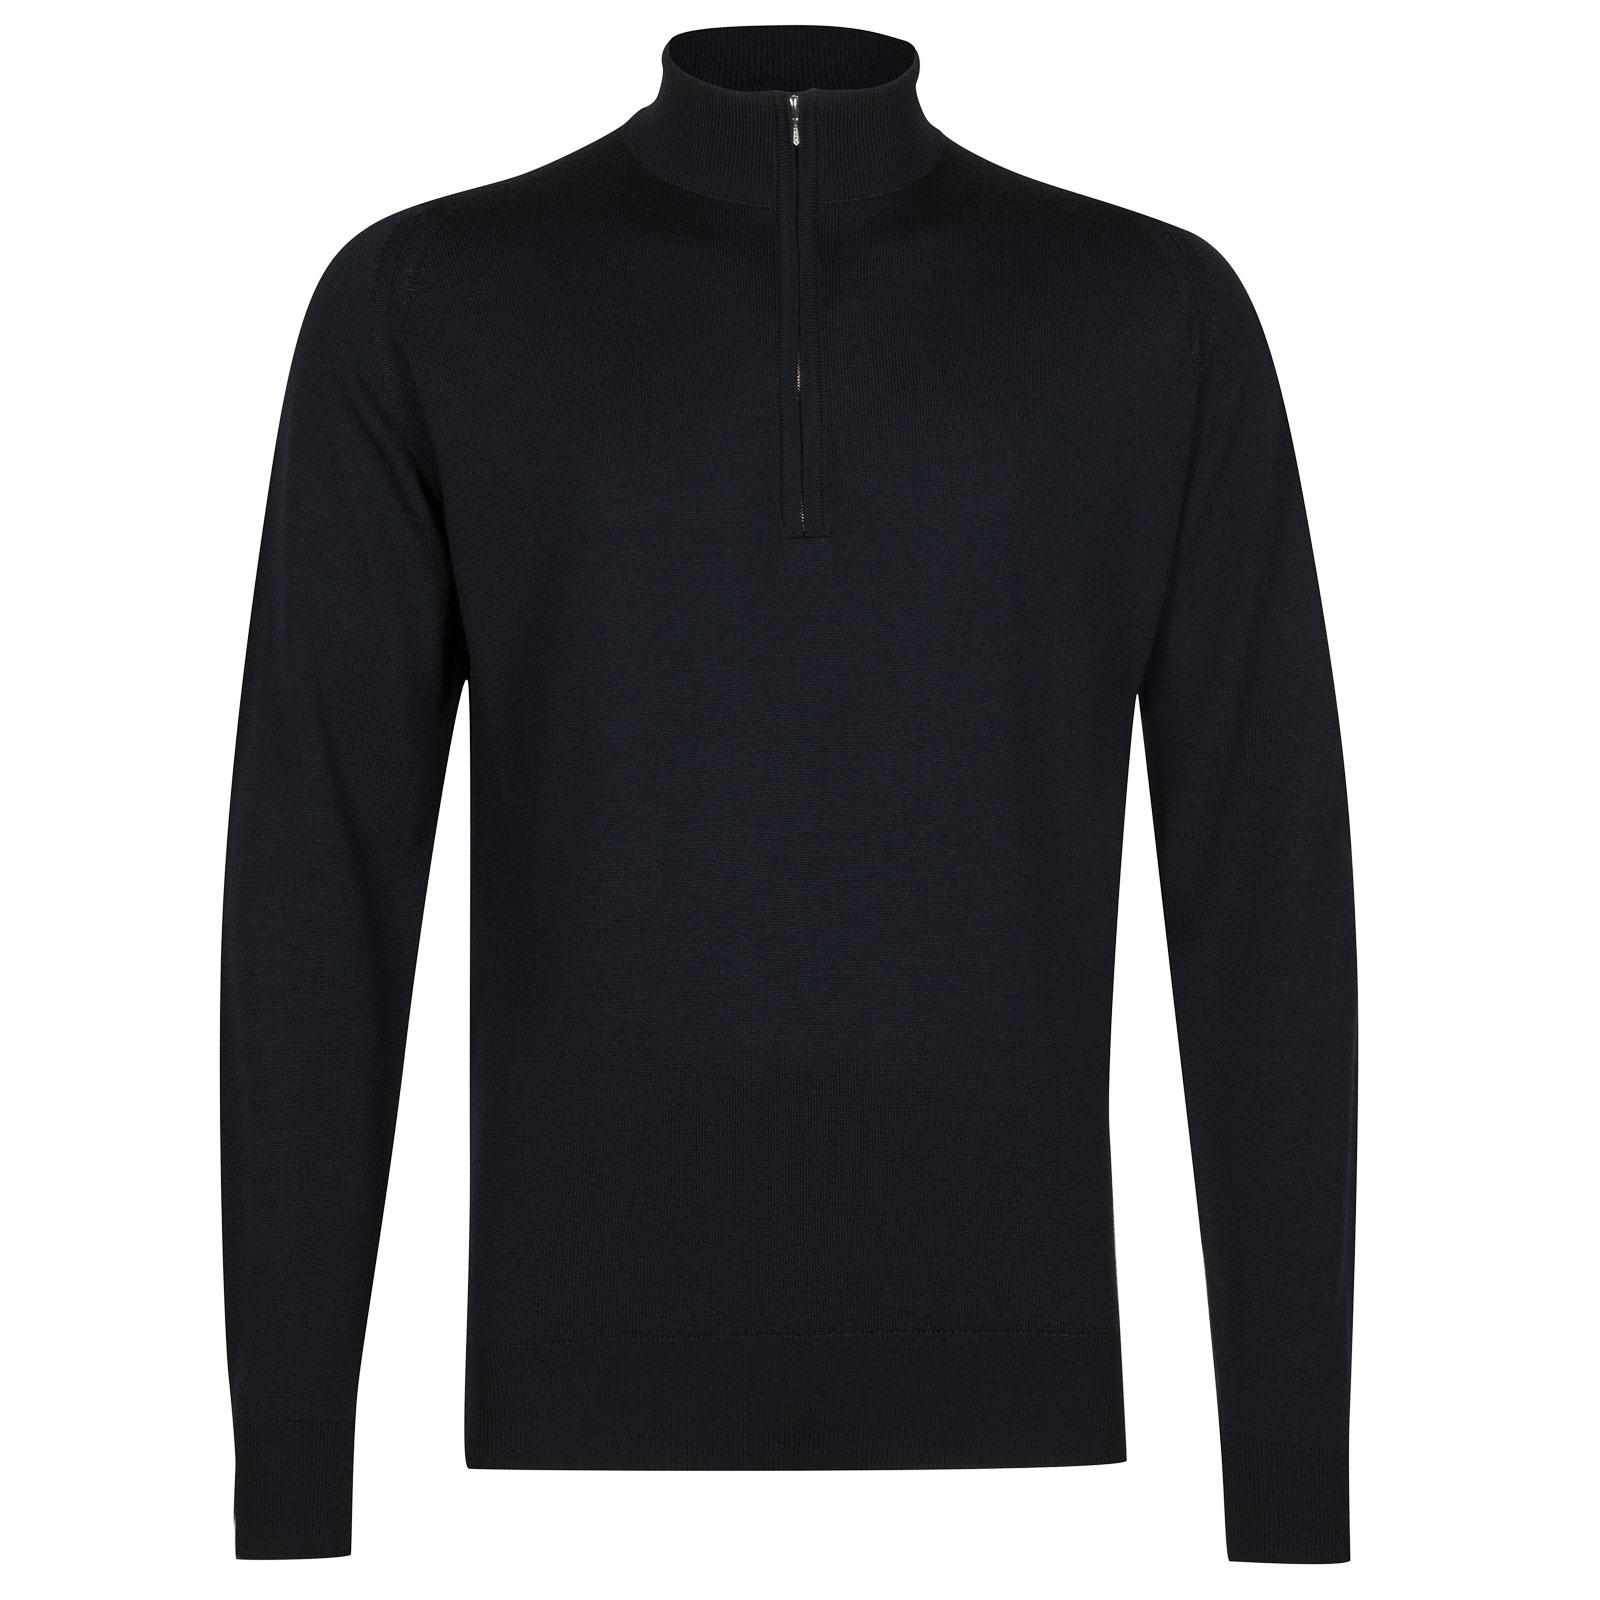 John Smedley tapton Merino Wool Pullover in Midnight-XL